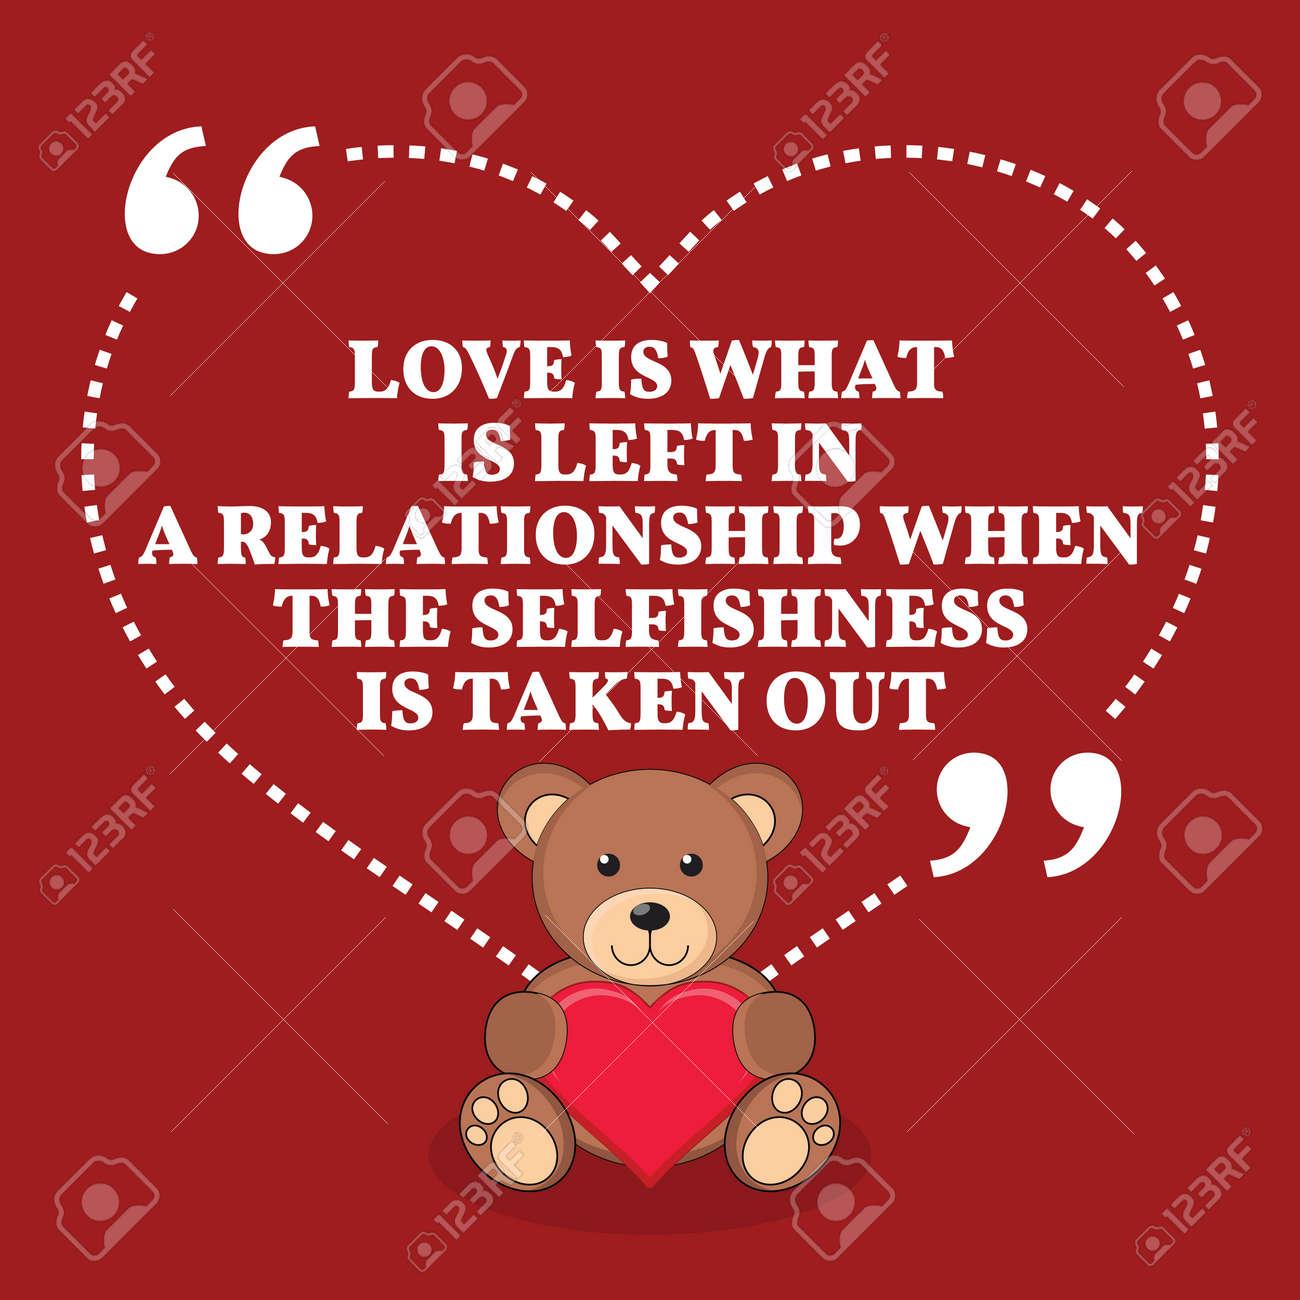 Citation Inspiree Amour De Mariage L Amour Est Ce Qui Reste Dans Une Relation Ou L Egoisme Est Retire Conception A La Mode Simple